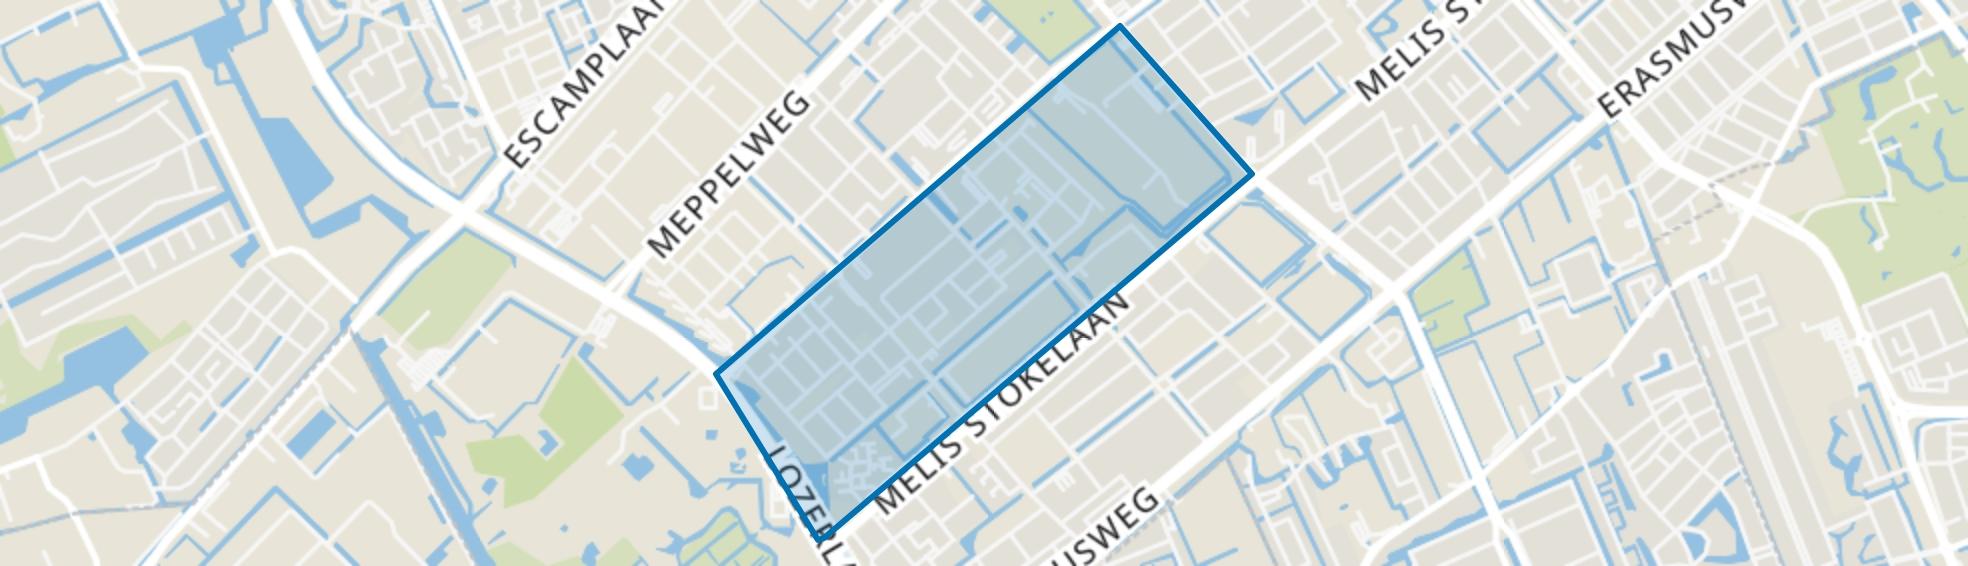 Zijden, Steden en Zichten, Den Haag map